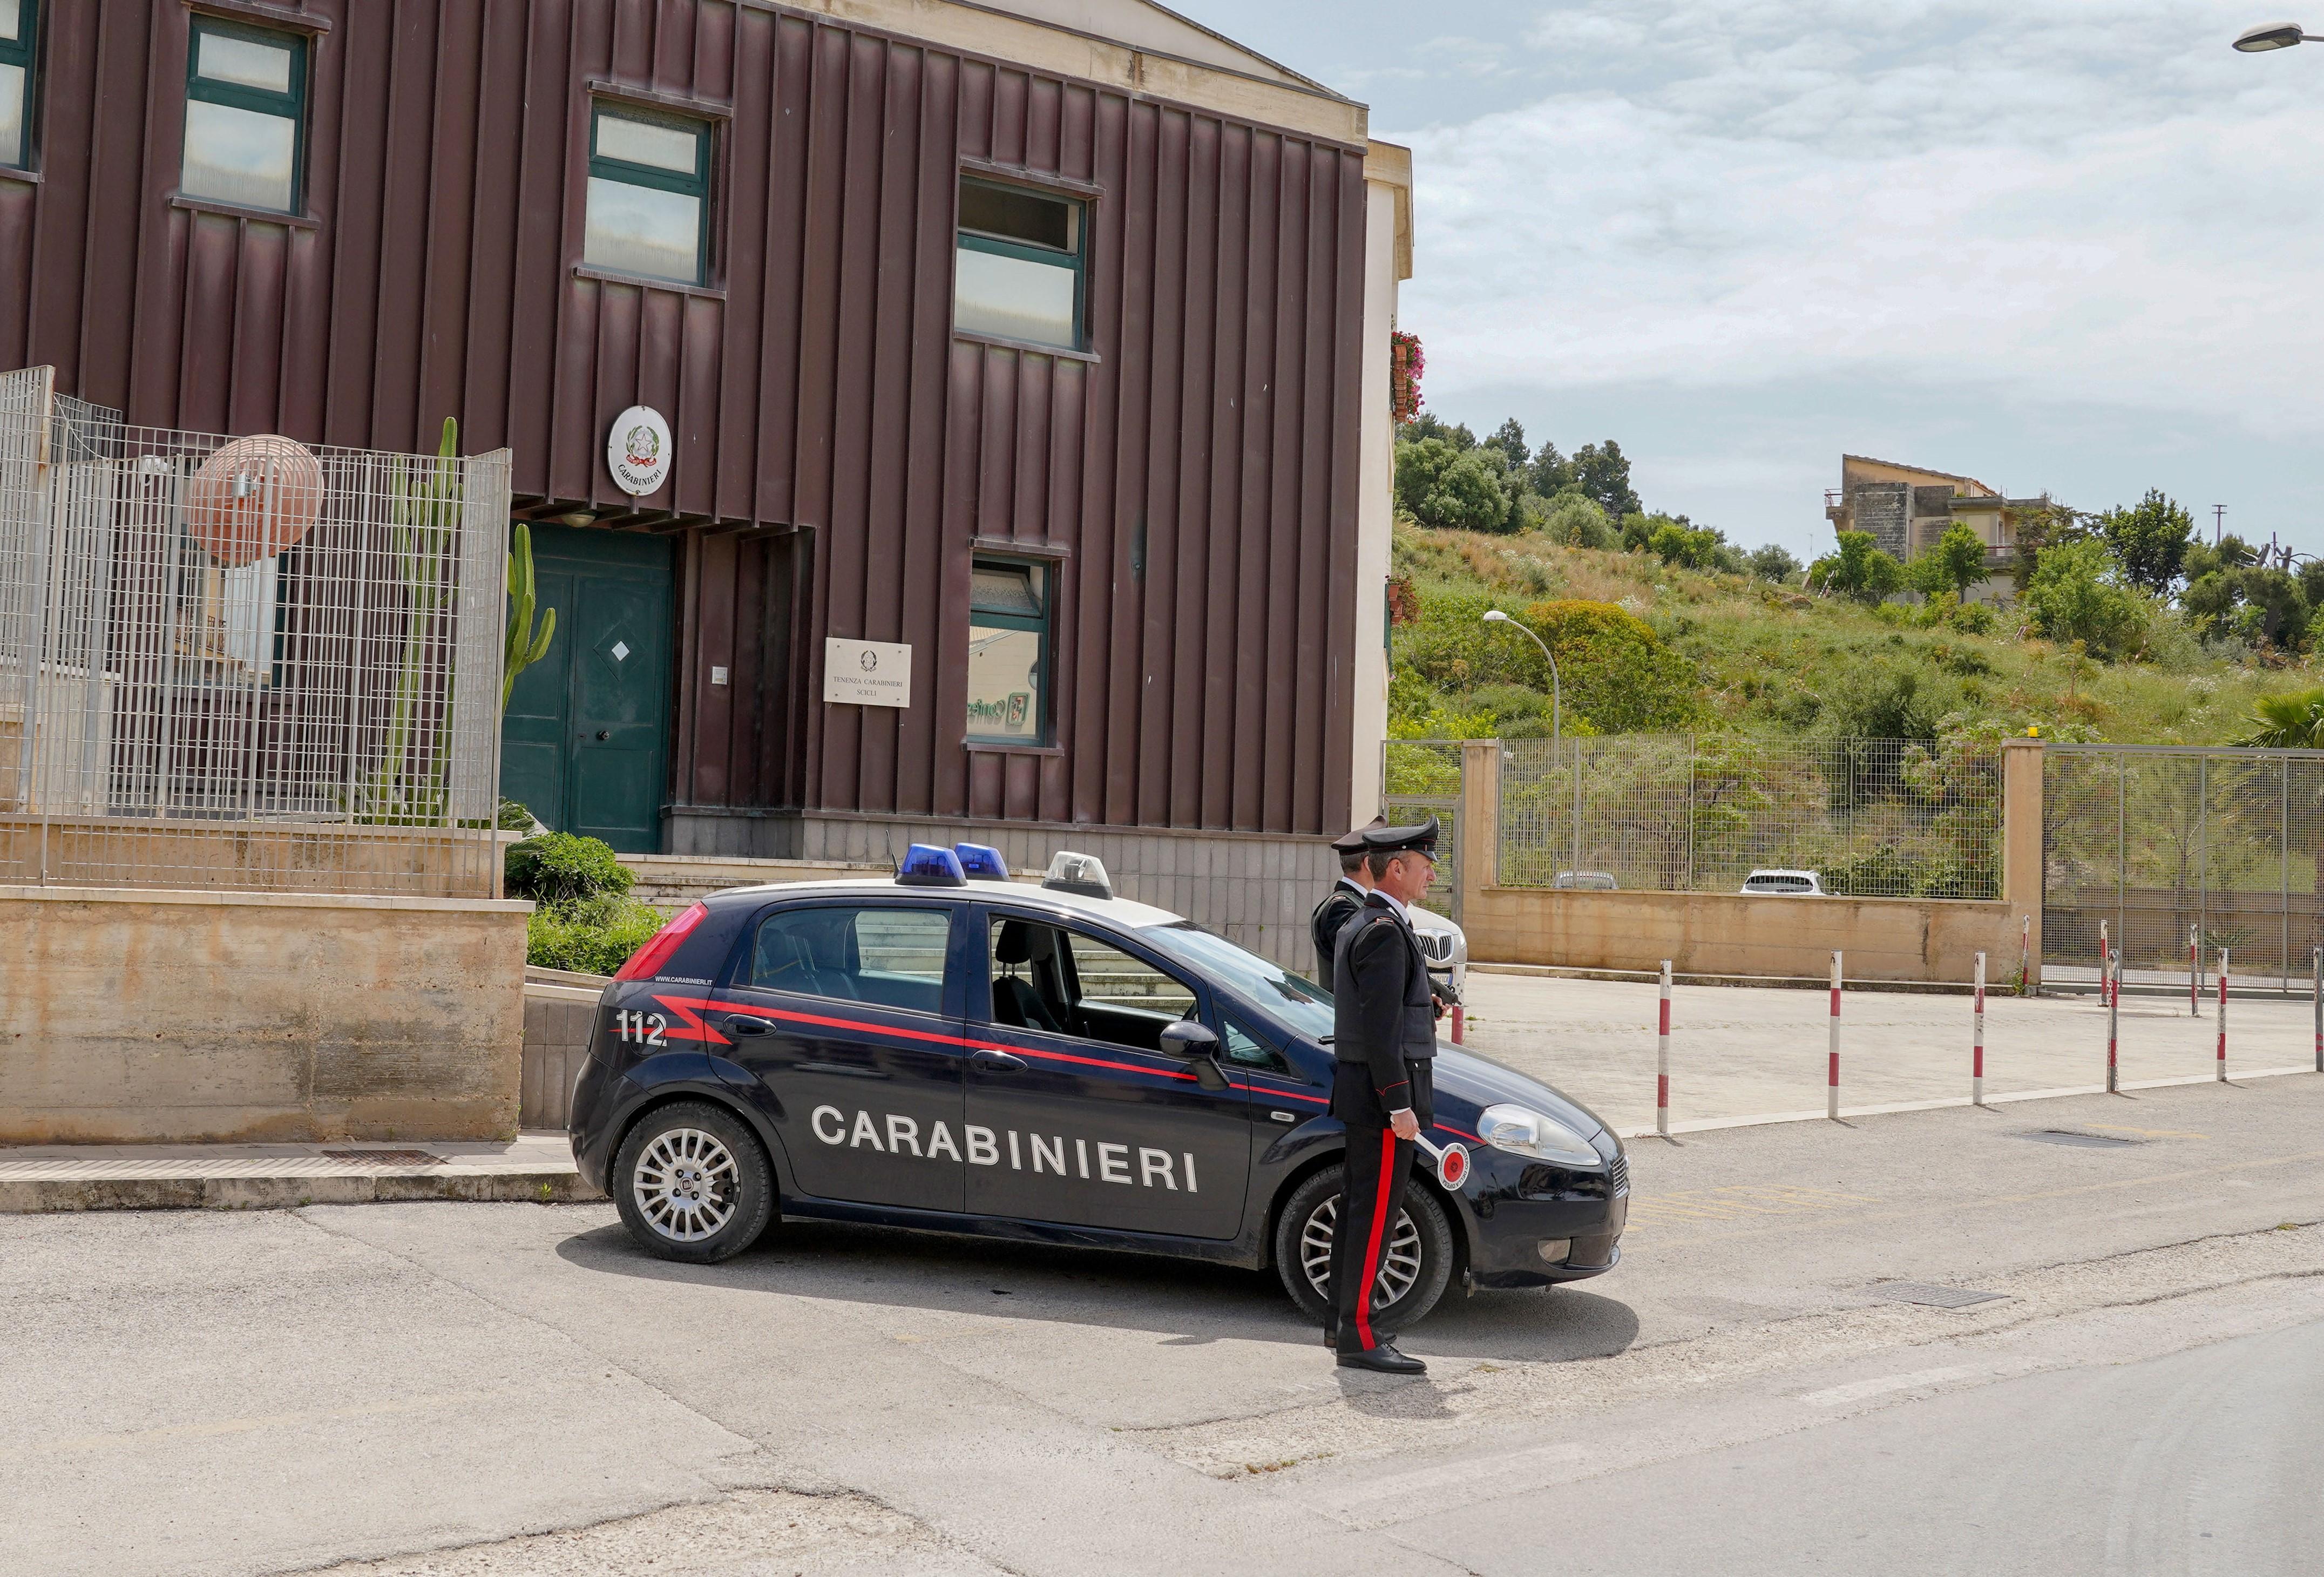 Guida in stato di ebbrezza: un arresto e una denuncia a Ispica e Scicli